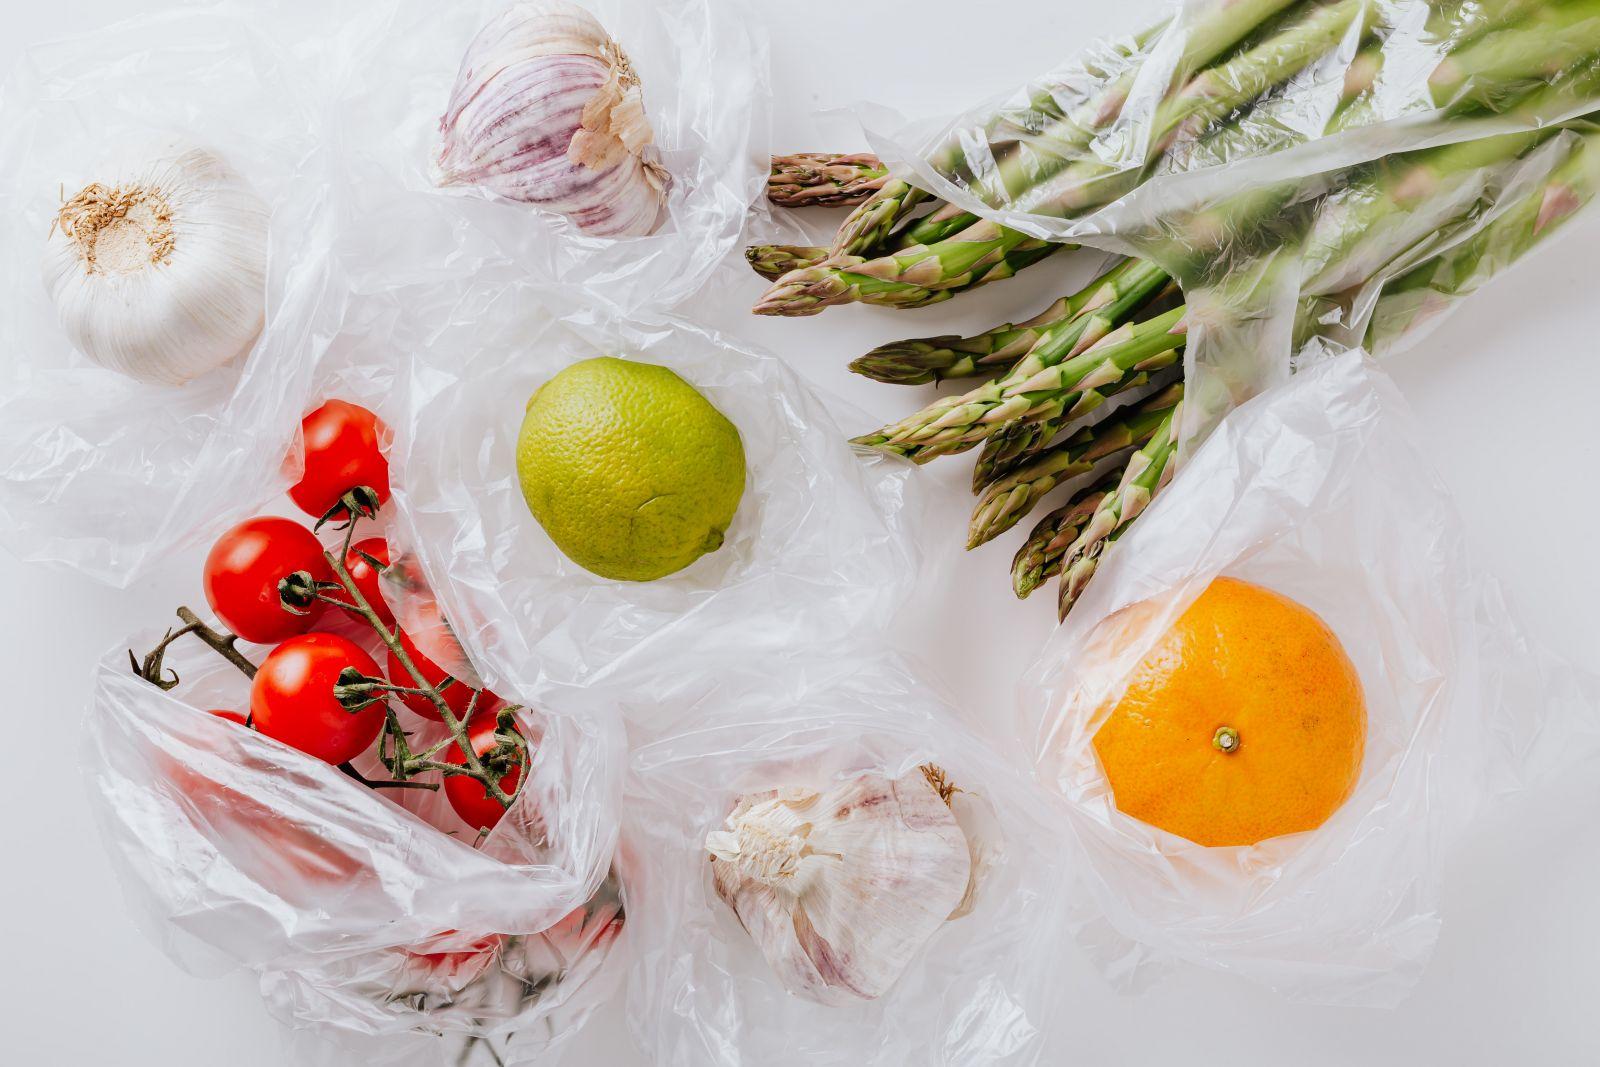 bao bì nhựa chứng tỏ sự an toàn vượt trội khi đựng thực phẩm